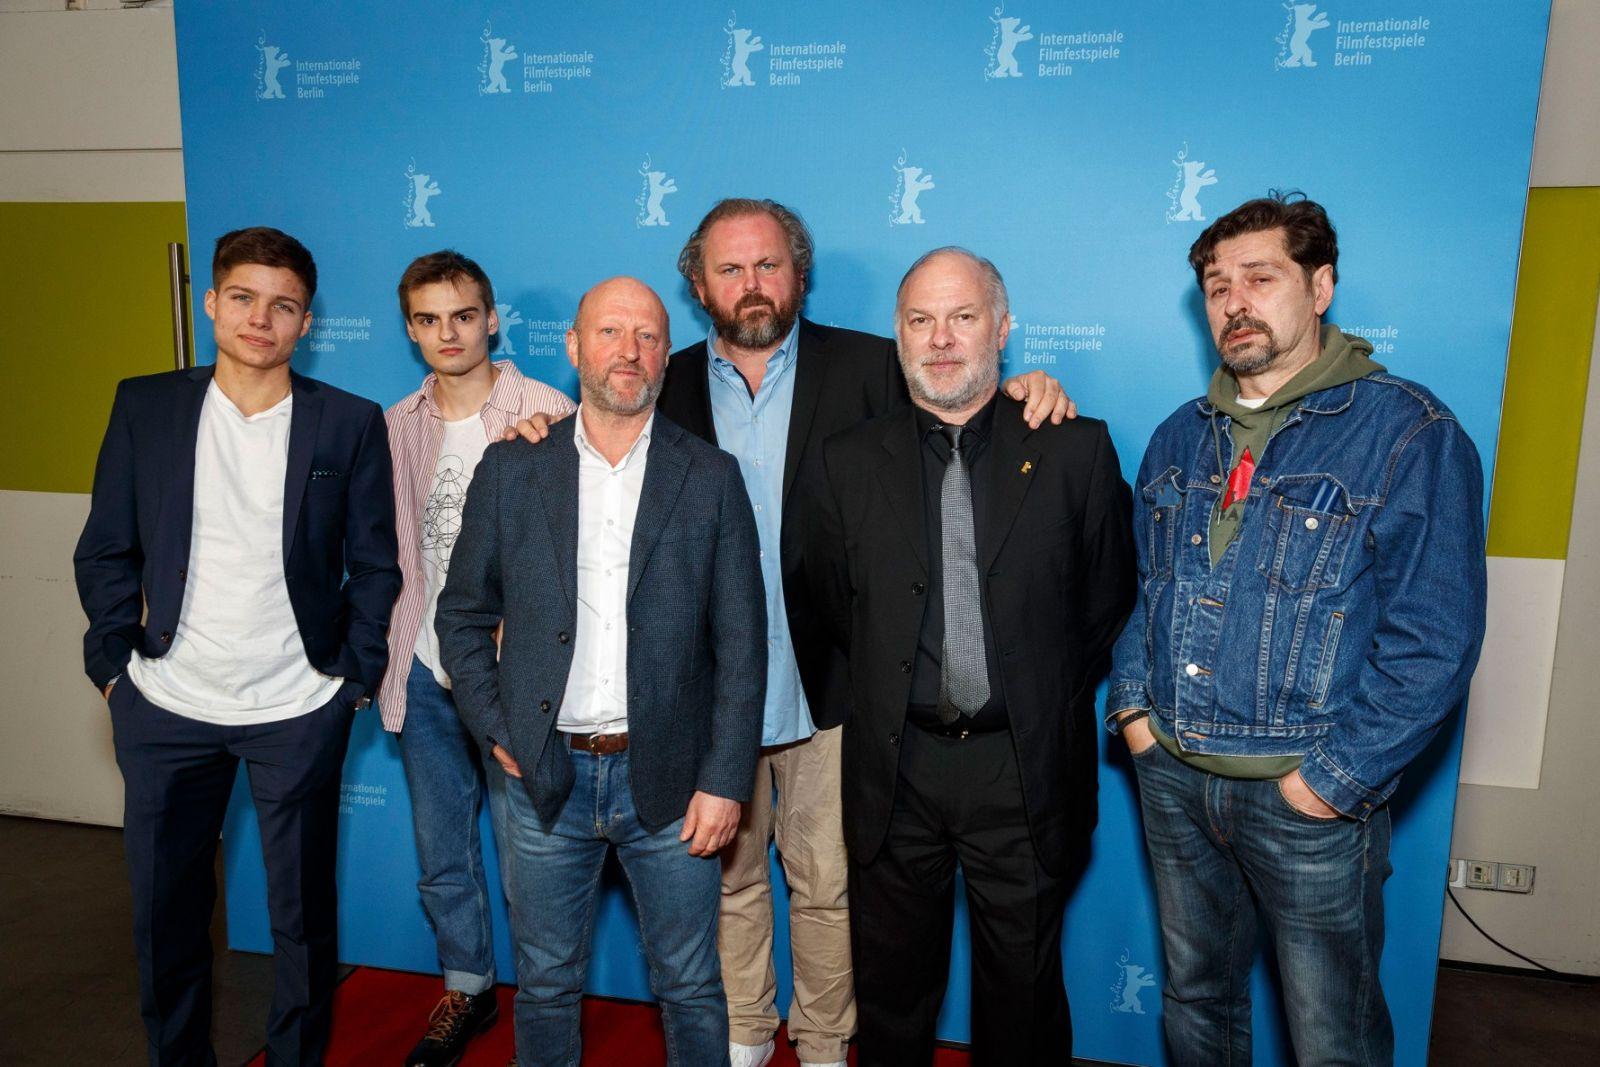 Služobníci žnú po svetovej premiére na Berlinale pochvalné kritiky